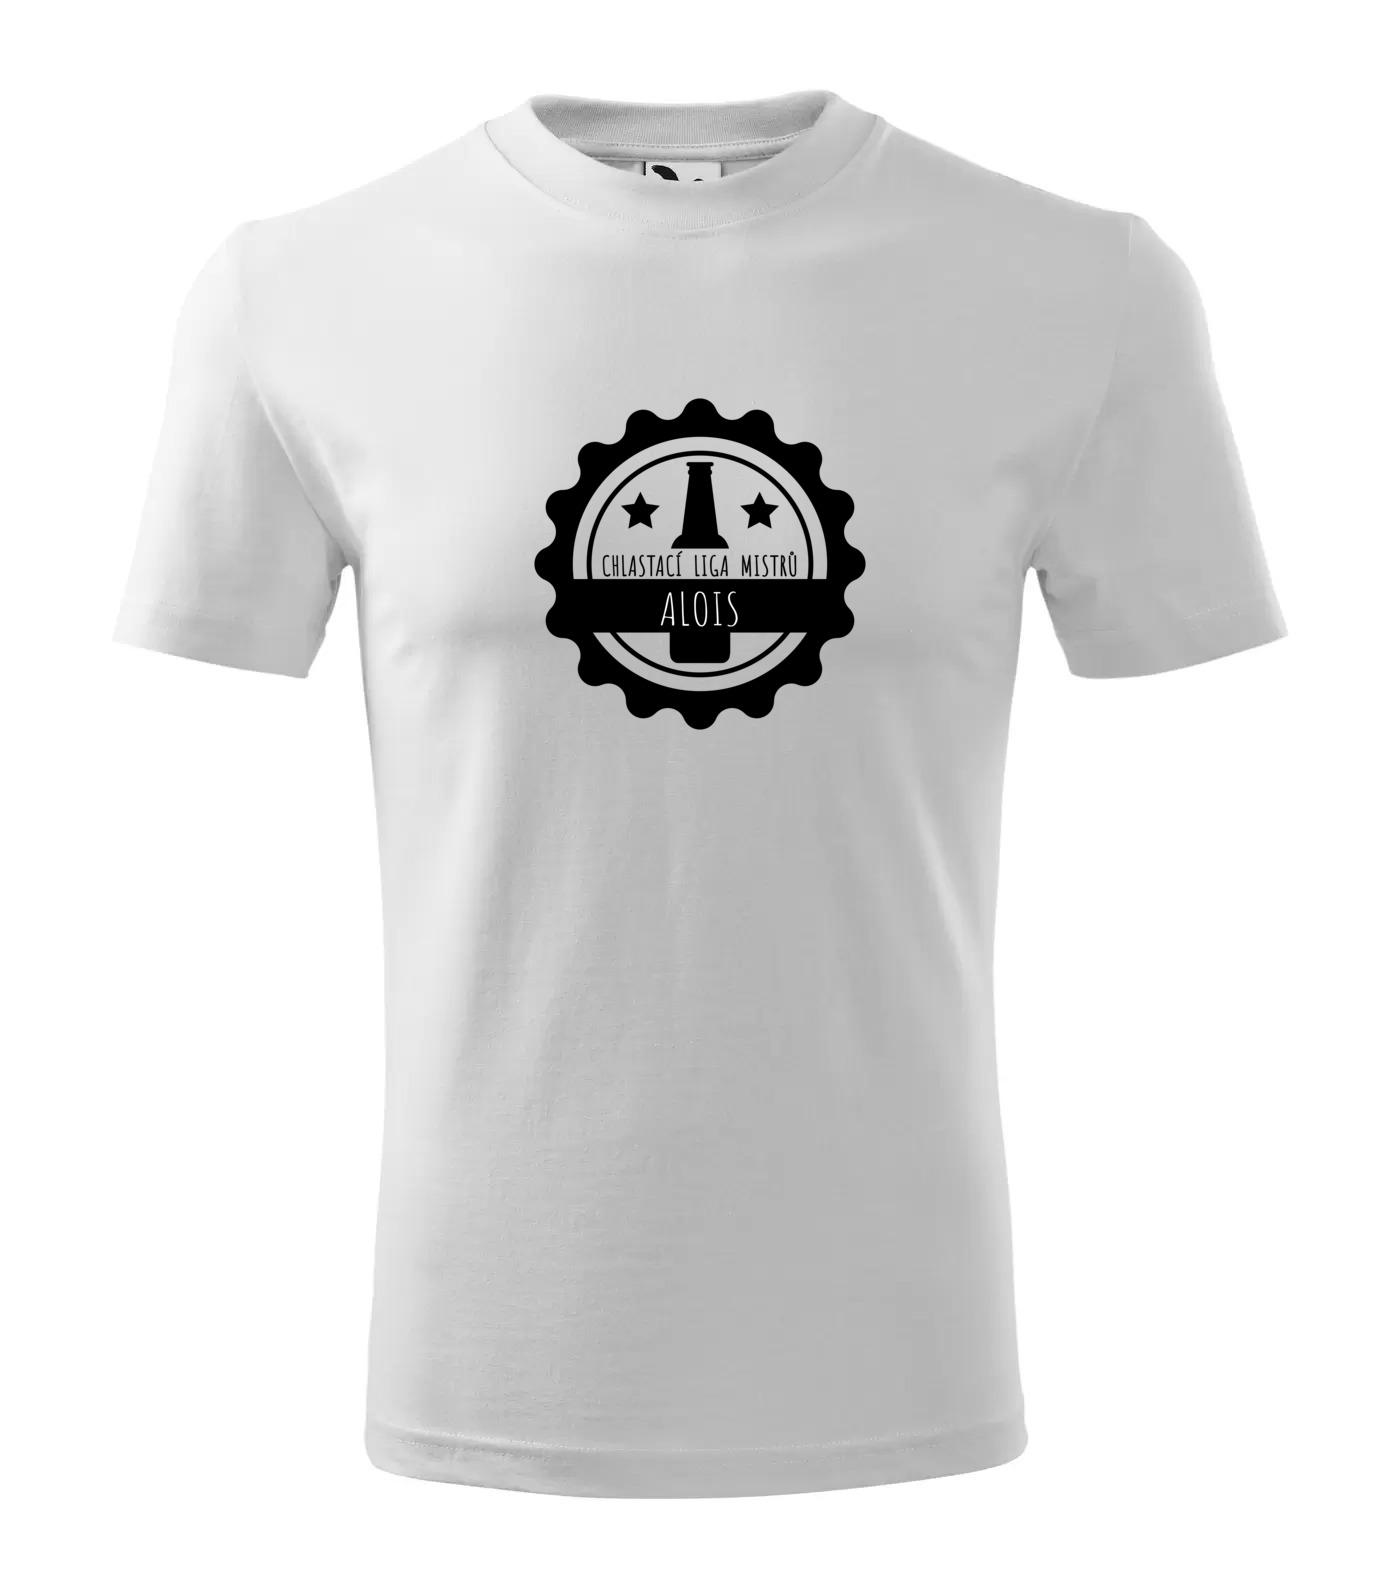 Tričko Chlastací liga mužů Alois